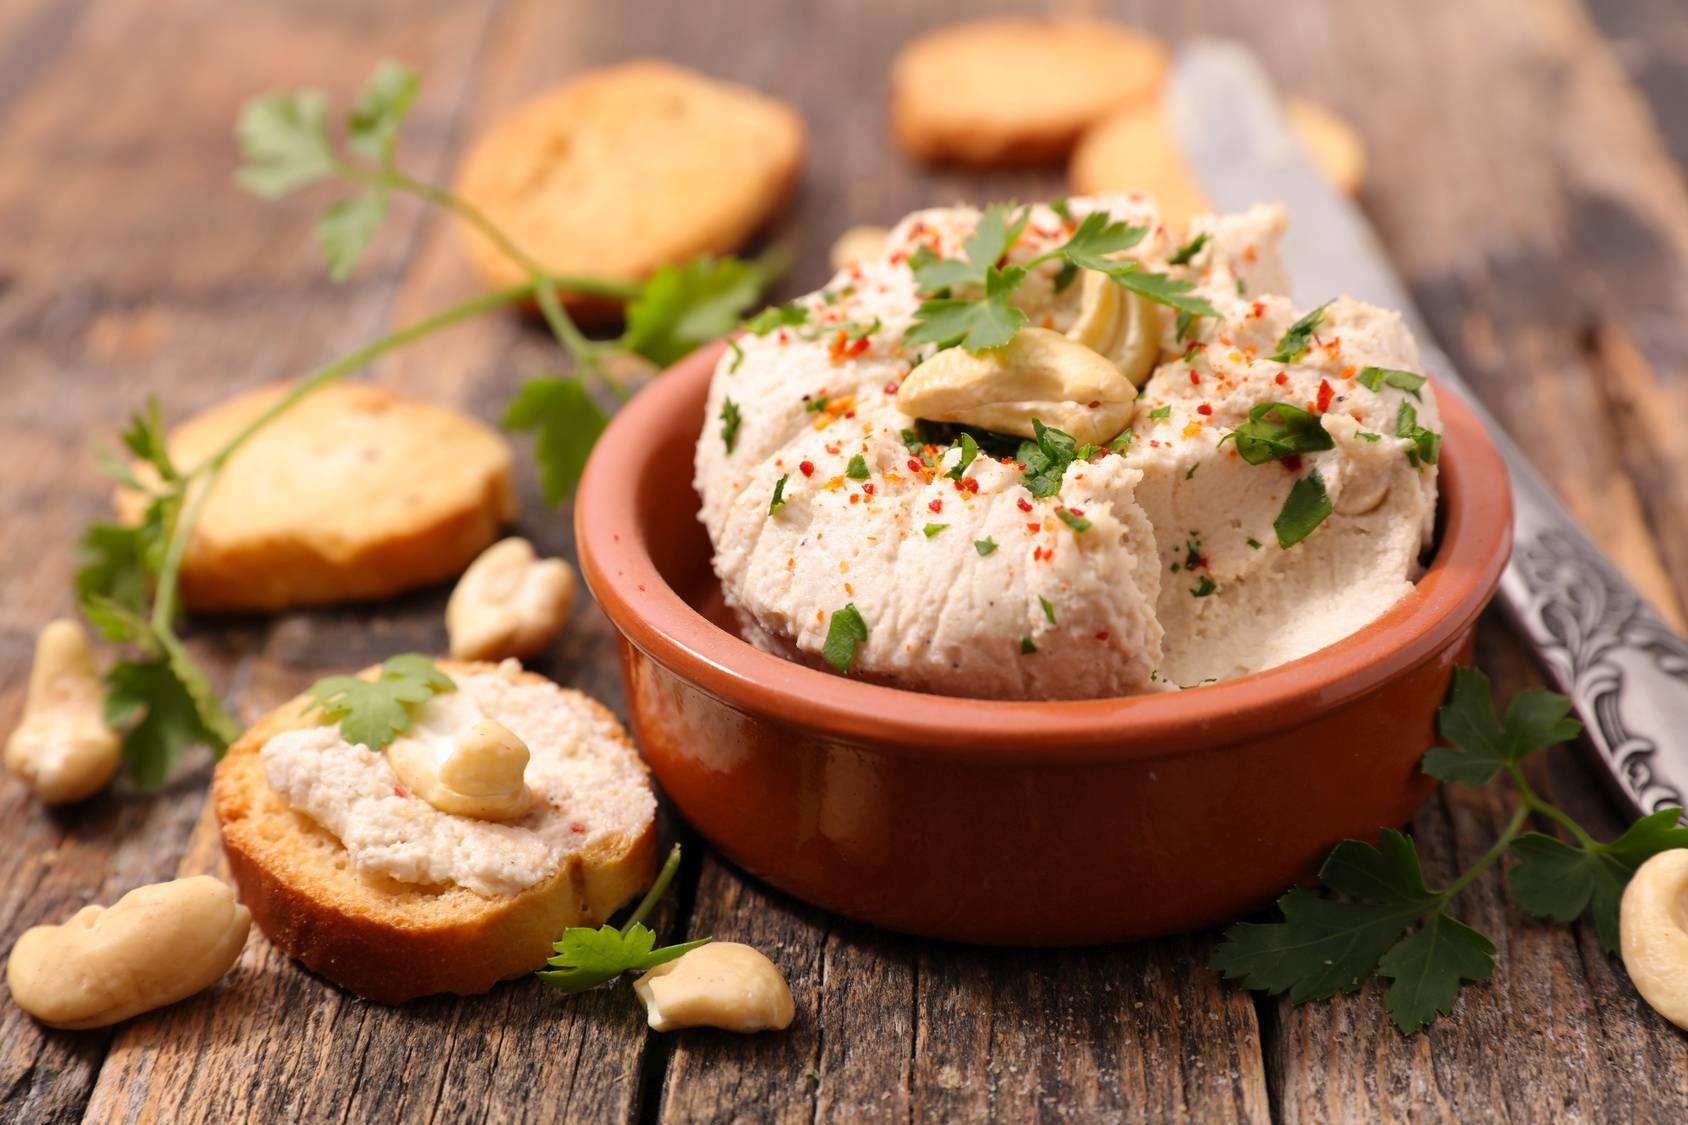 Sprawdź przepis na wegański smalec z białej fasoli. Zobacz jak przygotować wegańskie smakołyki dla mięsożerców.